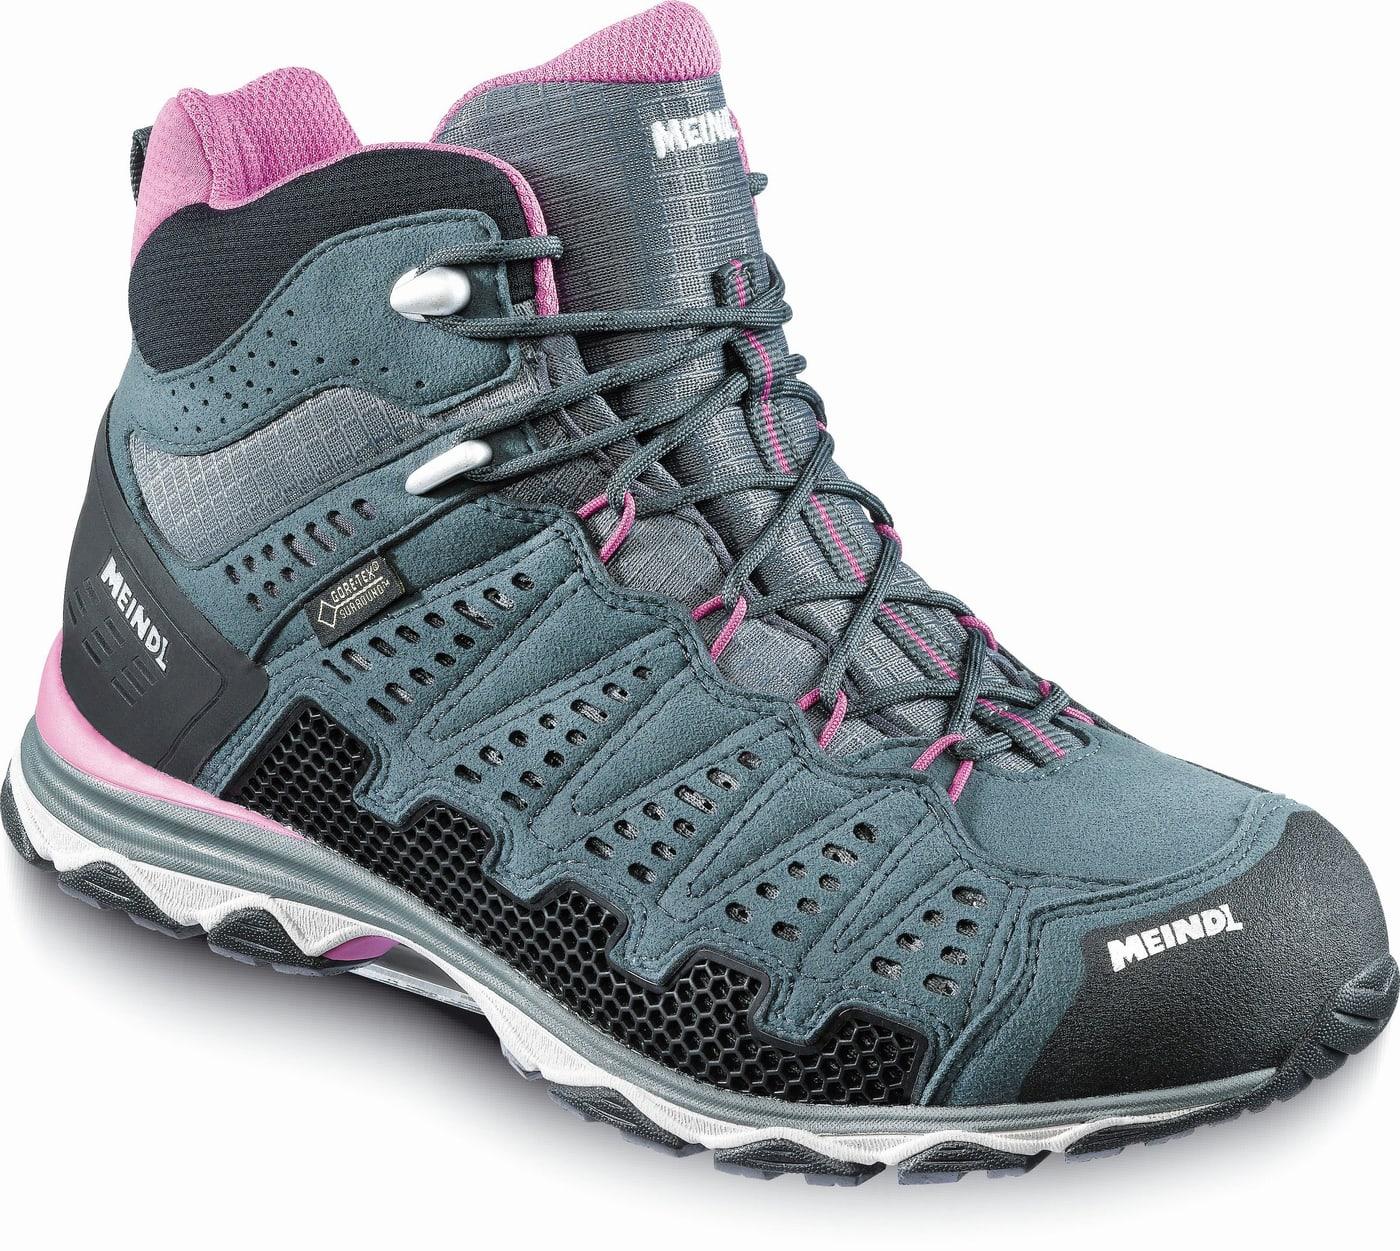 ed1074e03c6b9f Meindl X-SO 70 GTX Surround Chaussures de randonnée pour femme   Migros